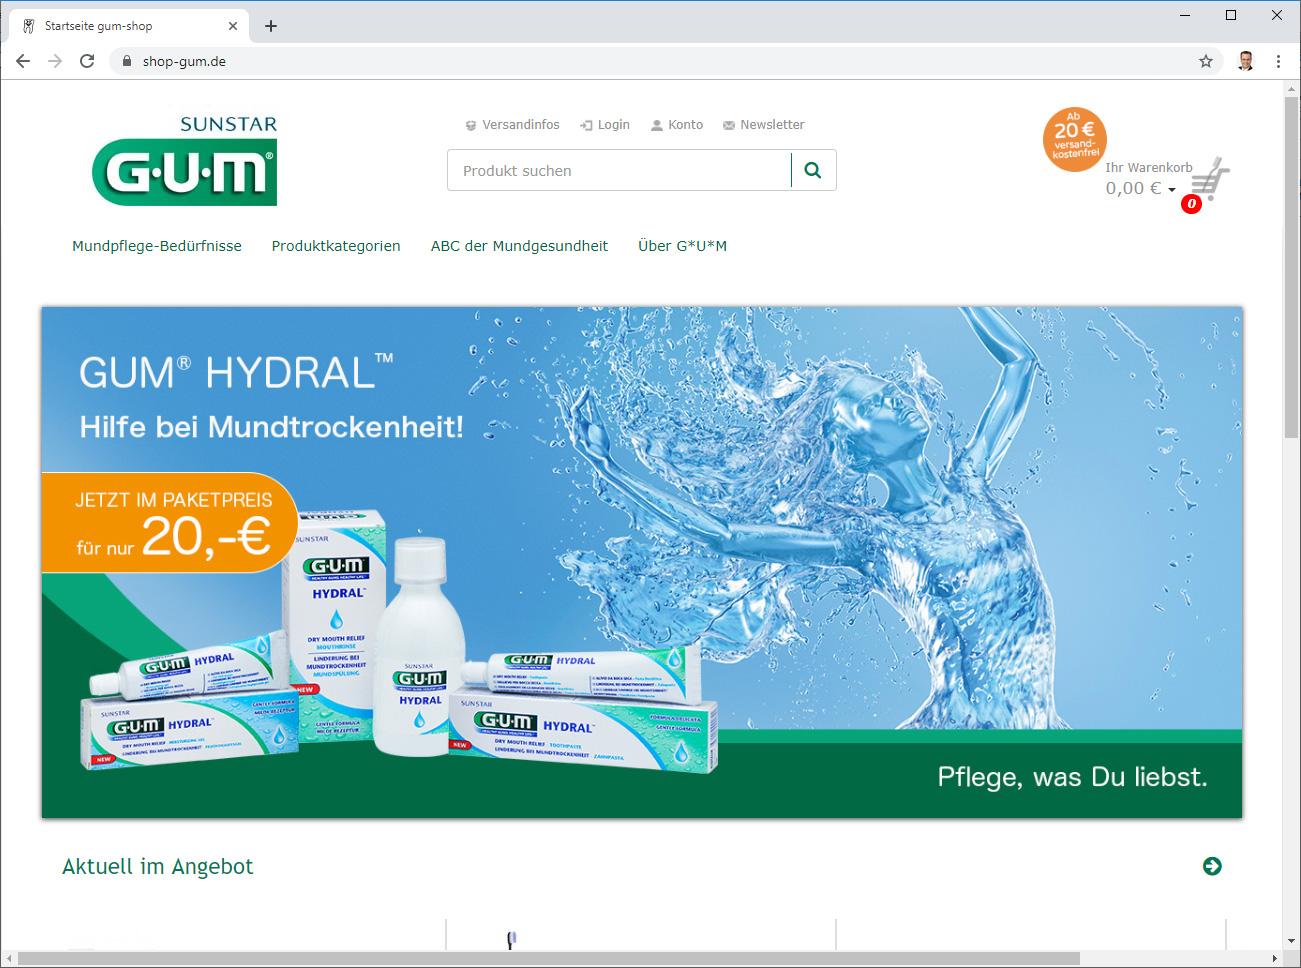 Sunstar Gum Shop - Onlineshop für Dentalprodukte